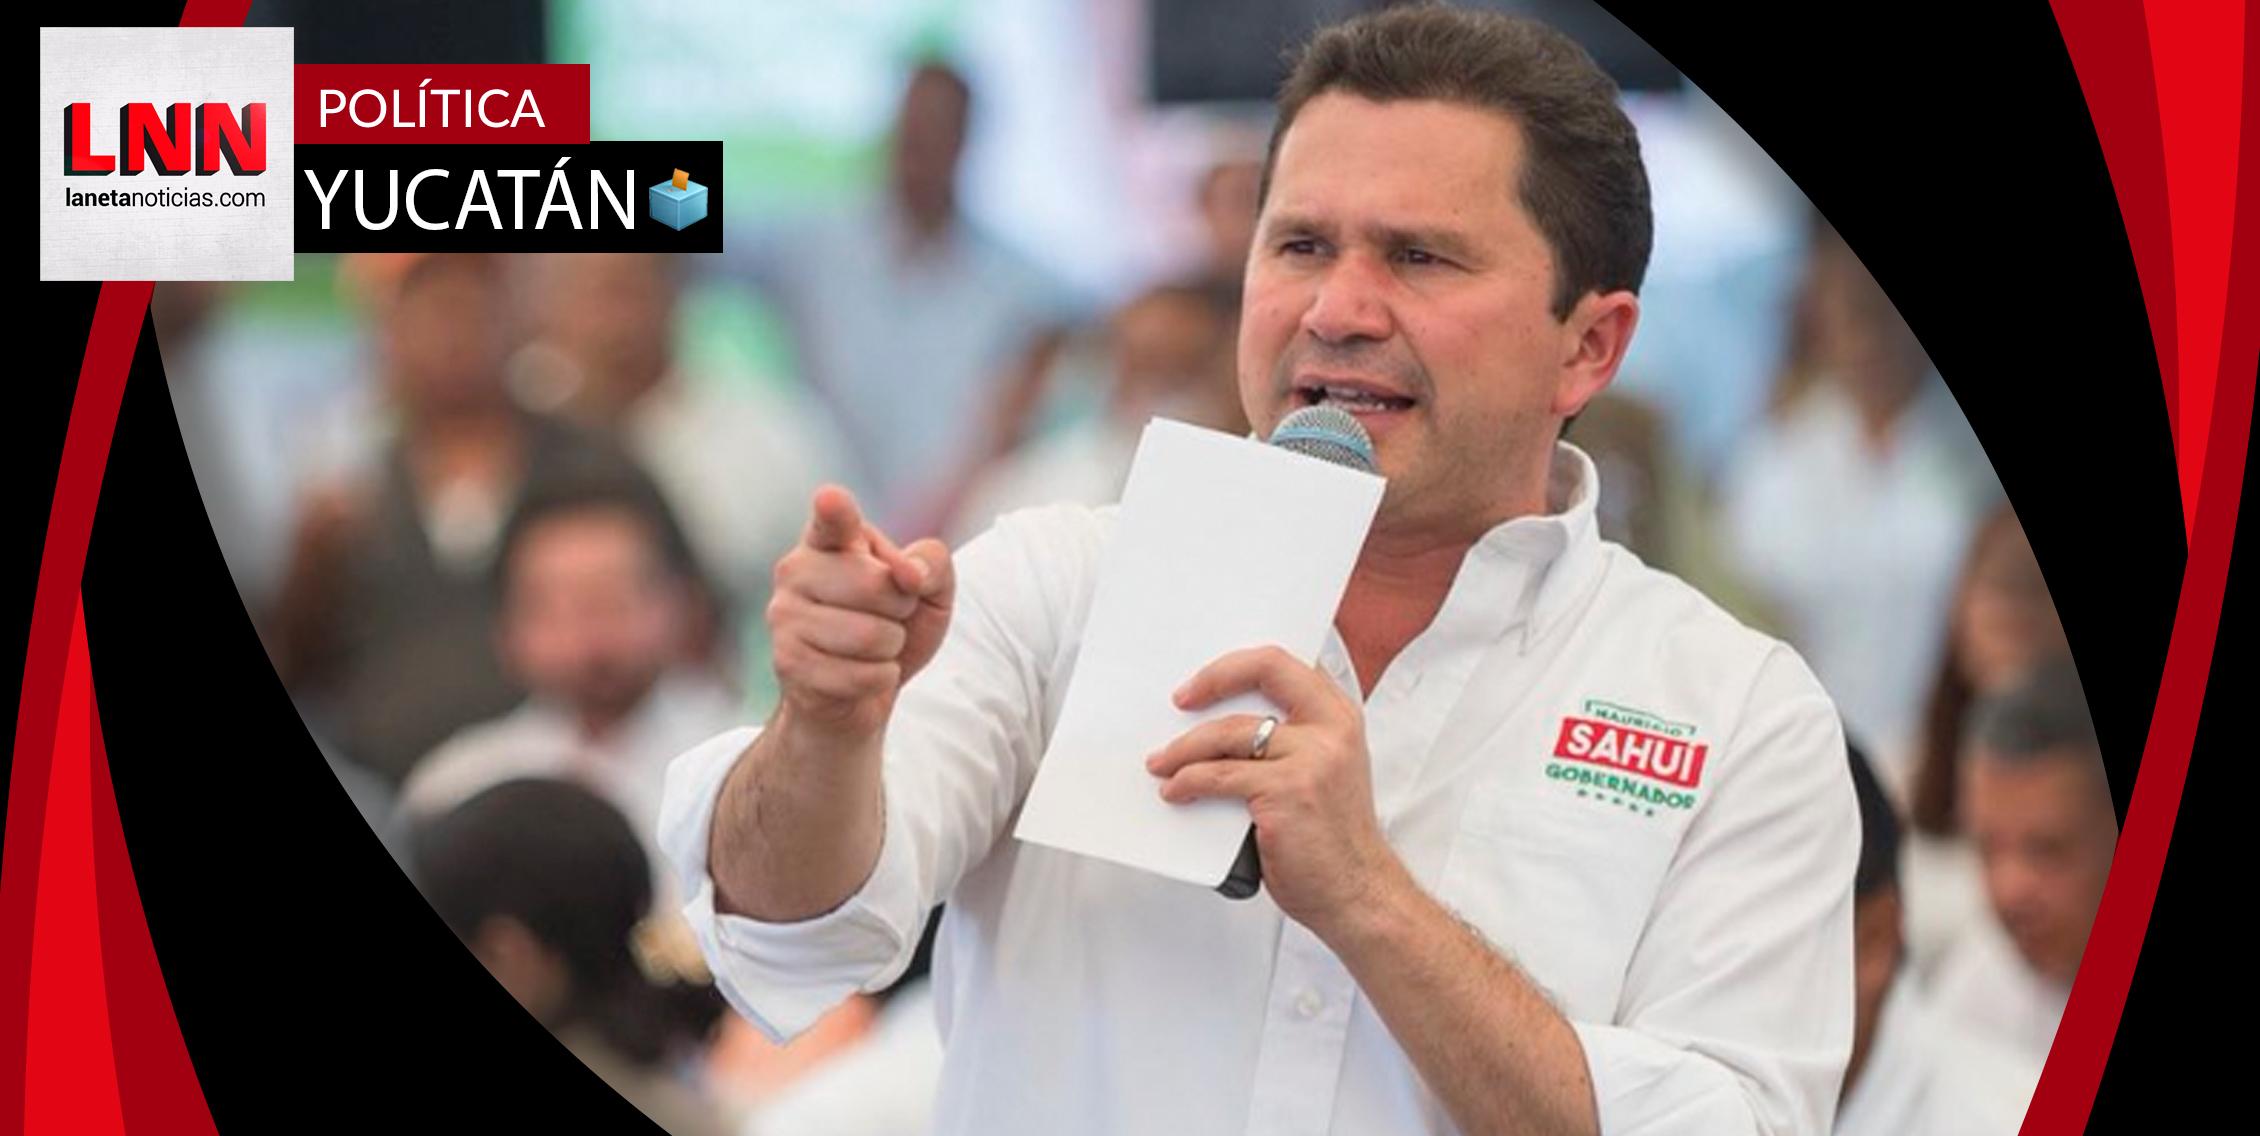 Mauricio Sahuí promete mejorar la atención médica en Yucatán